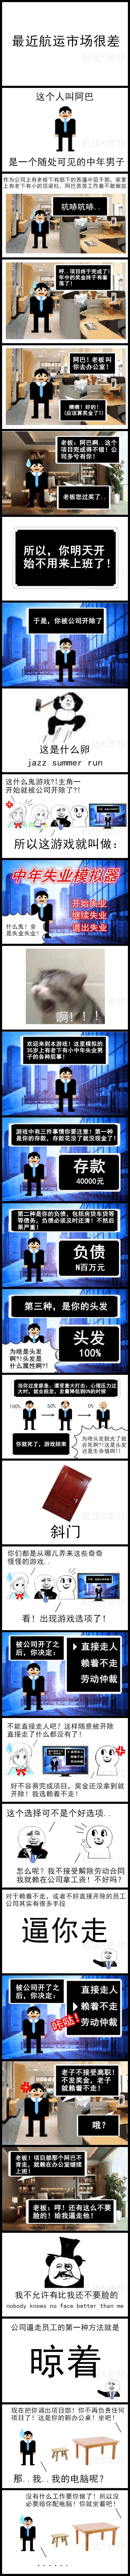 @航运漫画家K老师:中年失业模拟器插图